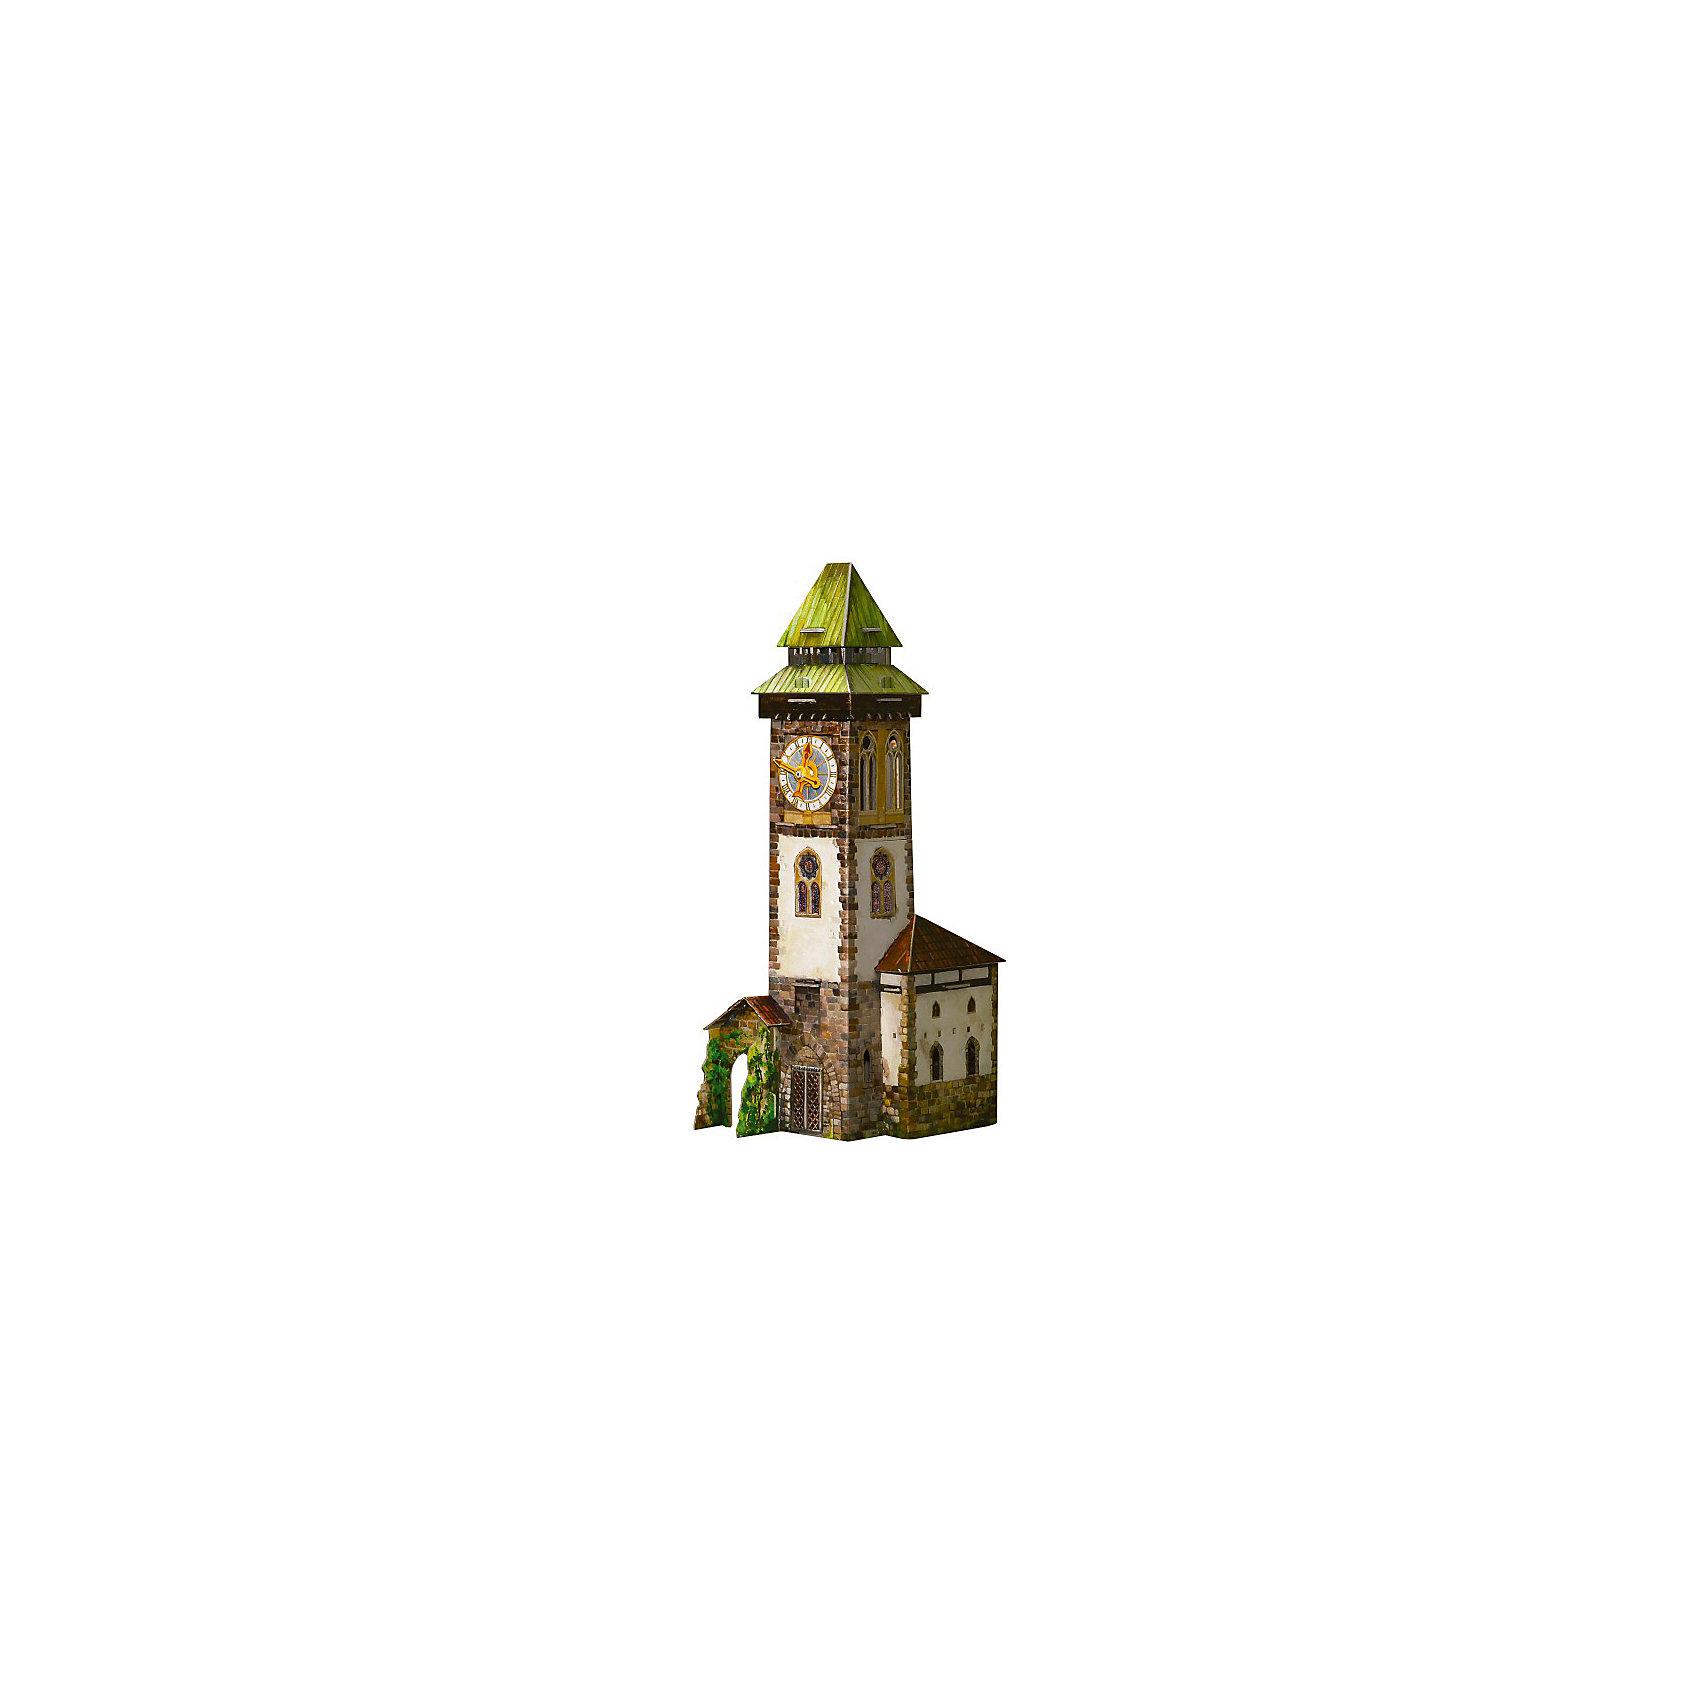 Сборная модель Башня с часами.Набор Башня с часами - конструктор из высококачественного толстого (переплетённого) картона. Высокая степень детализации и реалистичные детали делают сборку конструктора очень интересным занятием. Модель собирается без ножниц и клея. Все соединения разработаны и рассчитаны с большой точностью. Конструирование -увлекательный и полезный процесс, развивающий мелкую моторику, внимание, усидчивость, пространственное мышление и фантазию.<br><br>Дополнительная информация:<br><br>- В комплекте - часовой механизм и фигурные стрелки.<br>- Элемент питания: батарейка (нет в комплекте).<br>- Материал: картон.<br>- Размер упаковки: 34х24 см.<br>- Высота модели: 32 см.<br>- Количество деталей: 30.<br>- Совместим с серией Средневековый город.<br><br>Сборную модель Башня с часами можно купить в нашем магазине.<br><br>Ширина мм: 250<br>Глубина мм: 347<br>Высота мм: 34<br>Вес г: 380<br>Возраст от месяцев: 72<br>Возраст до месяцев: 168<br>Пол: Унисекс<br>Возраст: Детский<br>SKU: 4697715